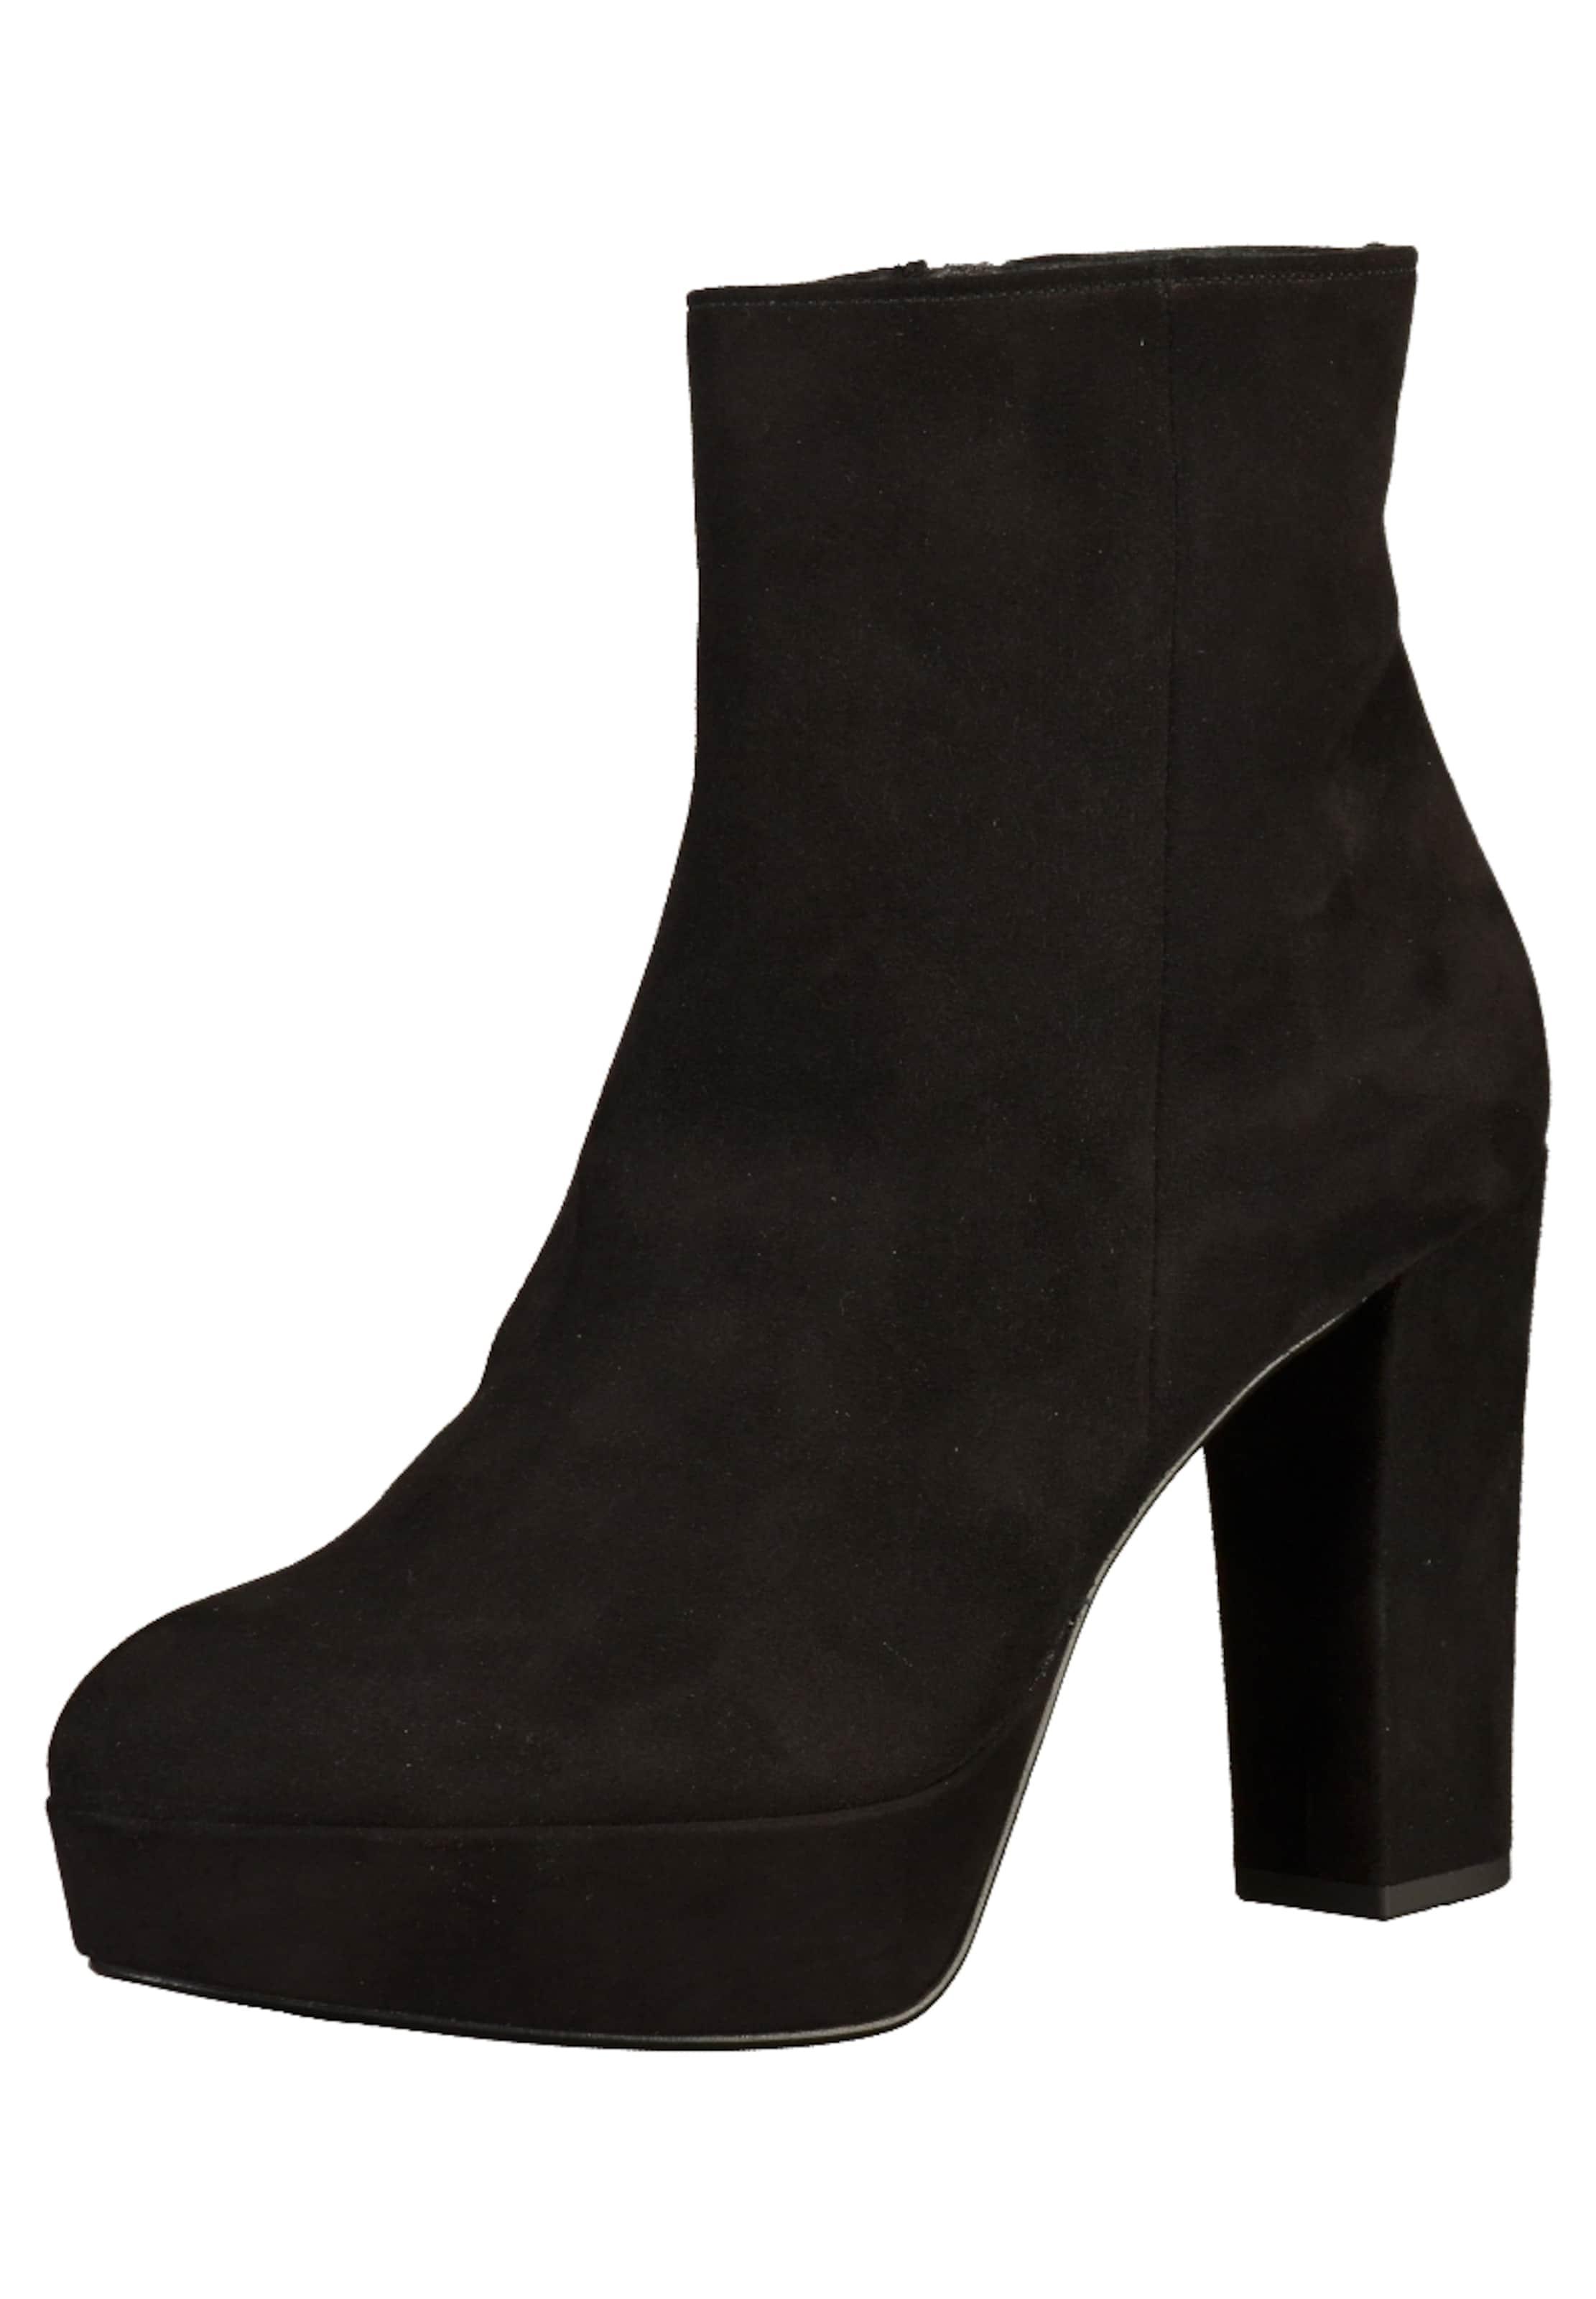 Högl Stiefelette Günstige und langlebige Schuhe